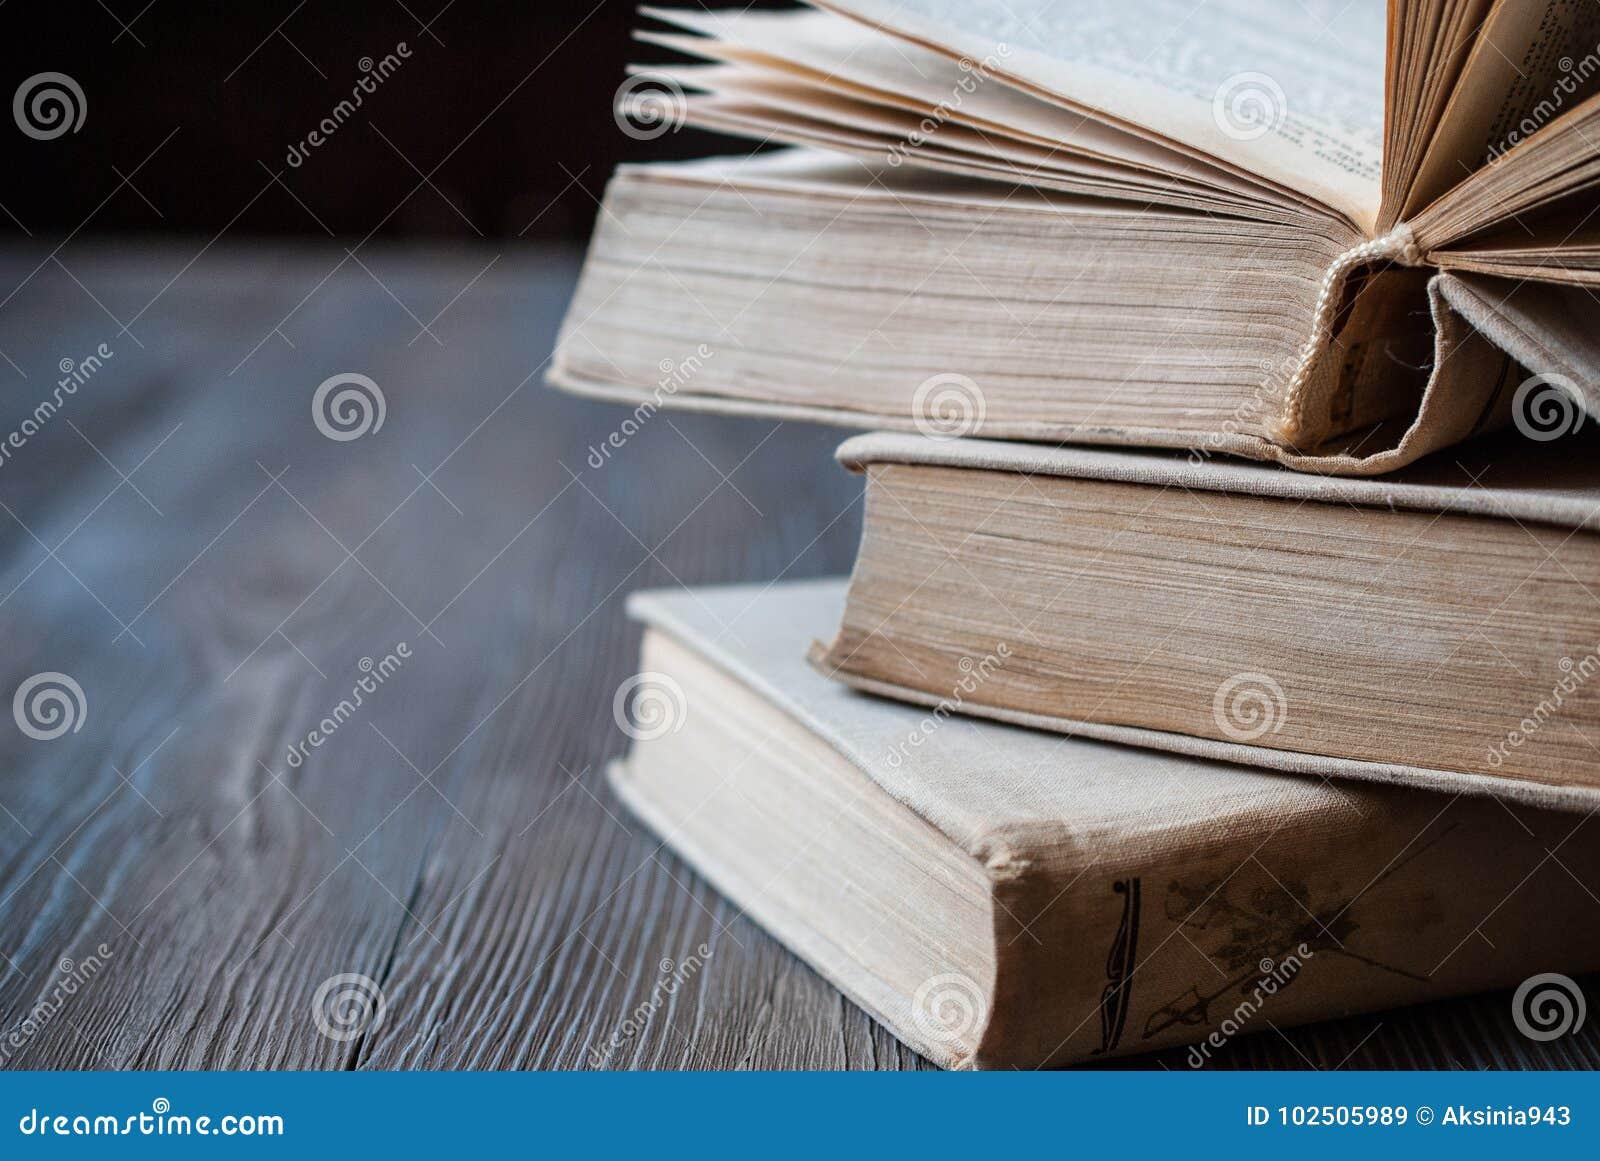 Bücher für das Ablesen, pädagogische Literatur